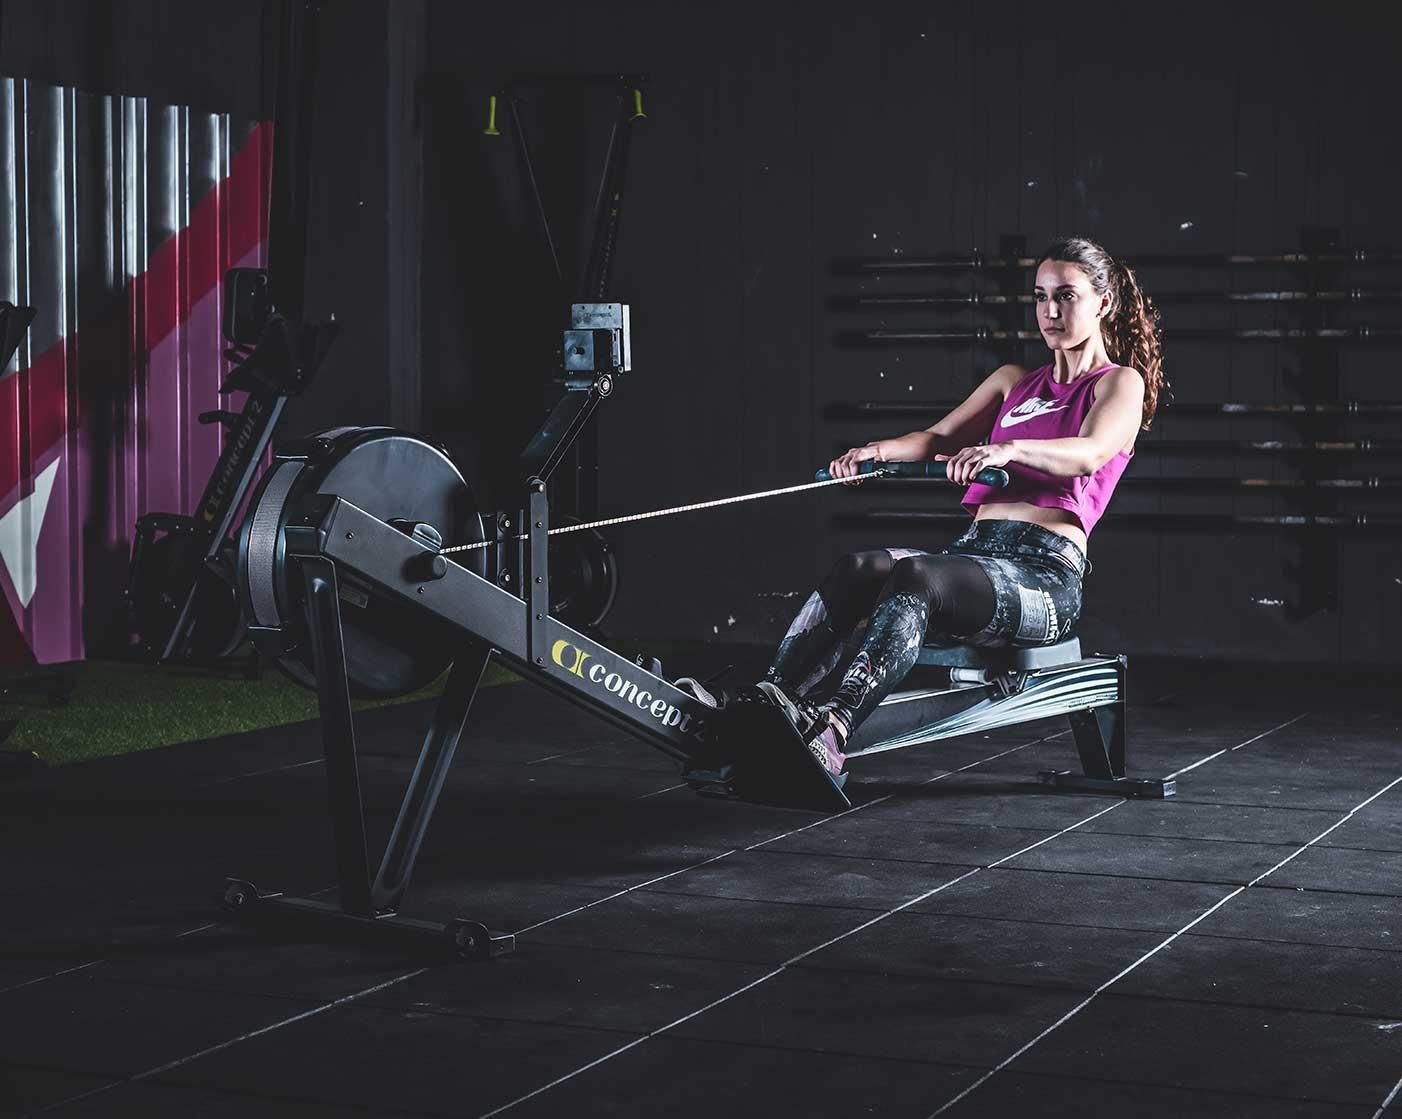 sesión de fotos de publicidad de gimnasio de mujer en máquina de remo